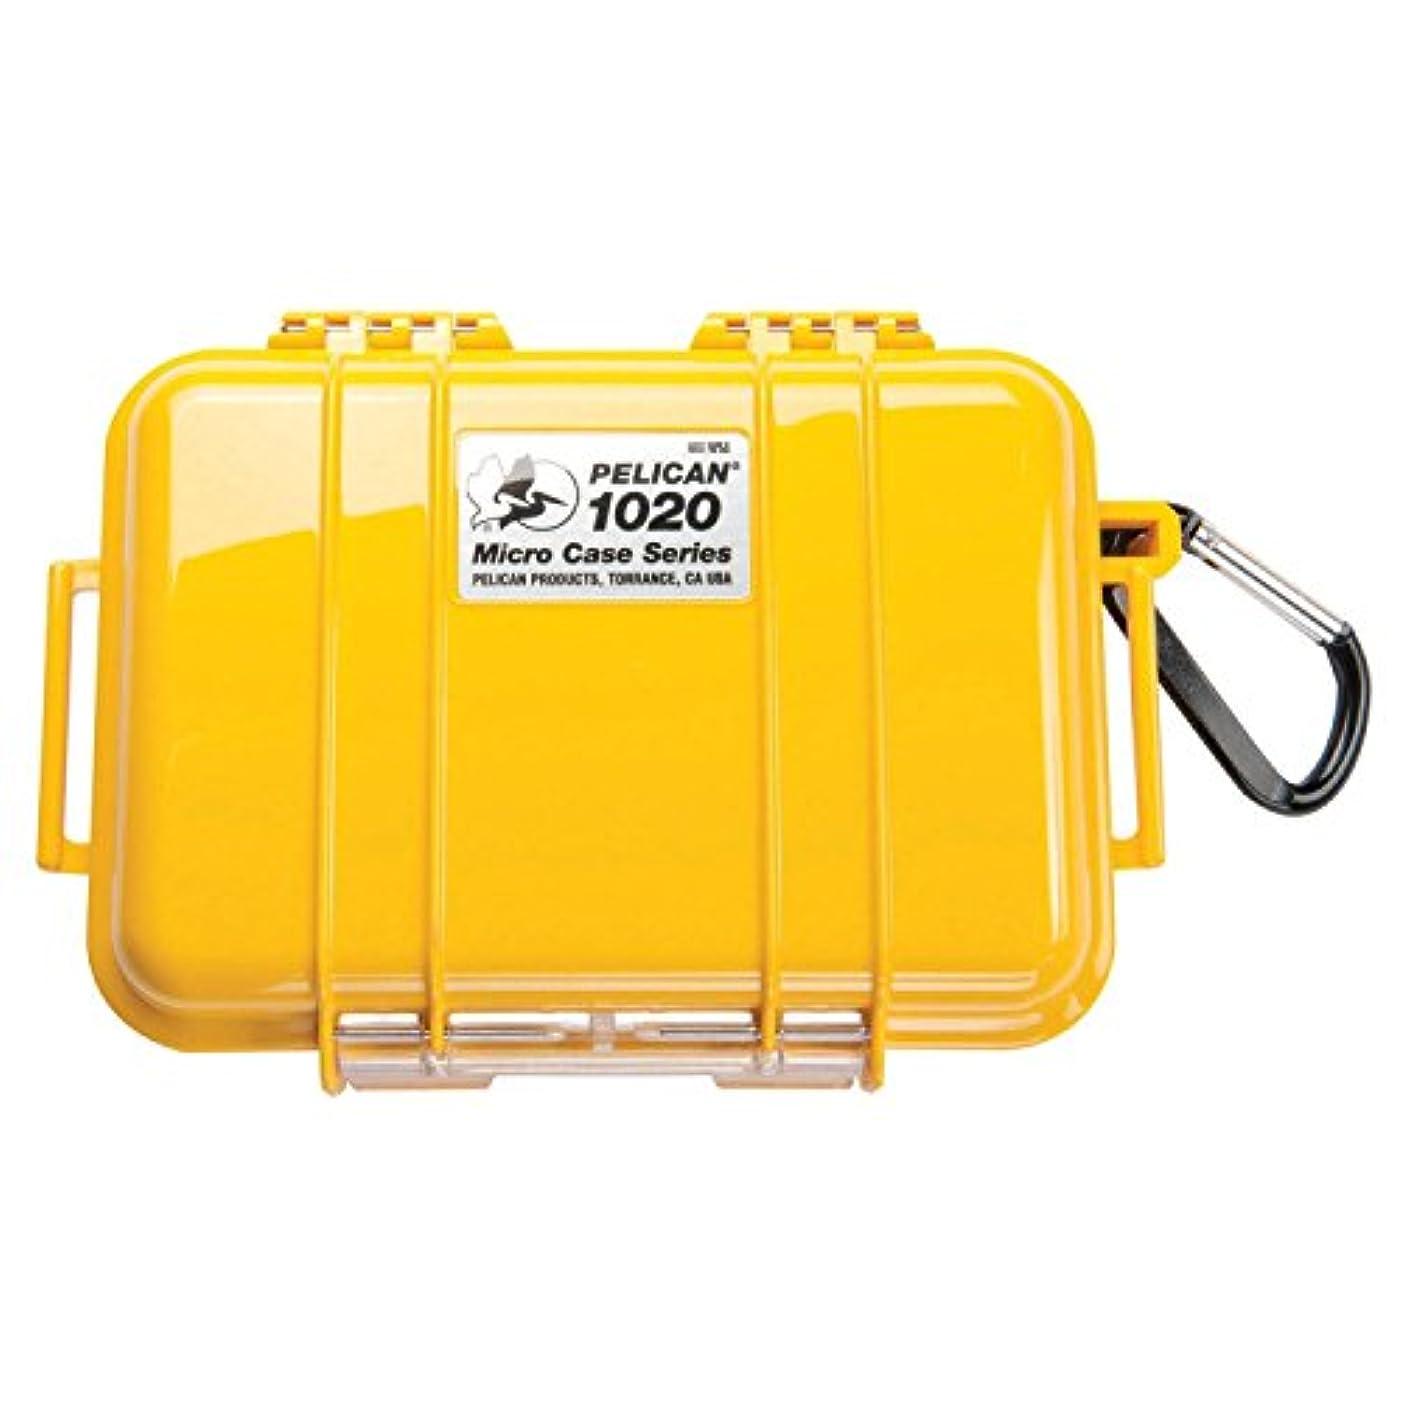 それ毎月プラットフォームペリカン PELICAN 1020 N 小型防水ハードケース (イエロー) 1020-025-240 [並行輸入品]